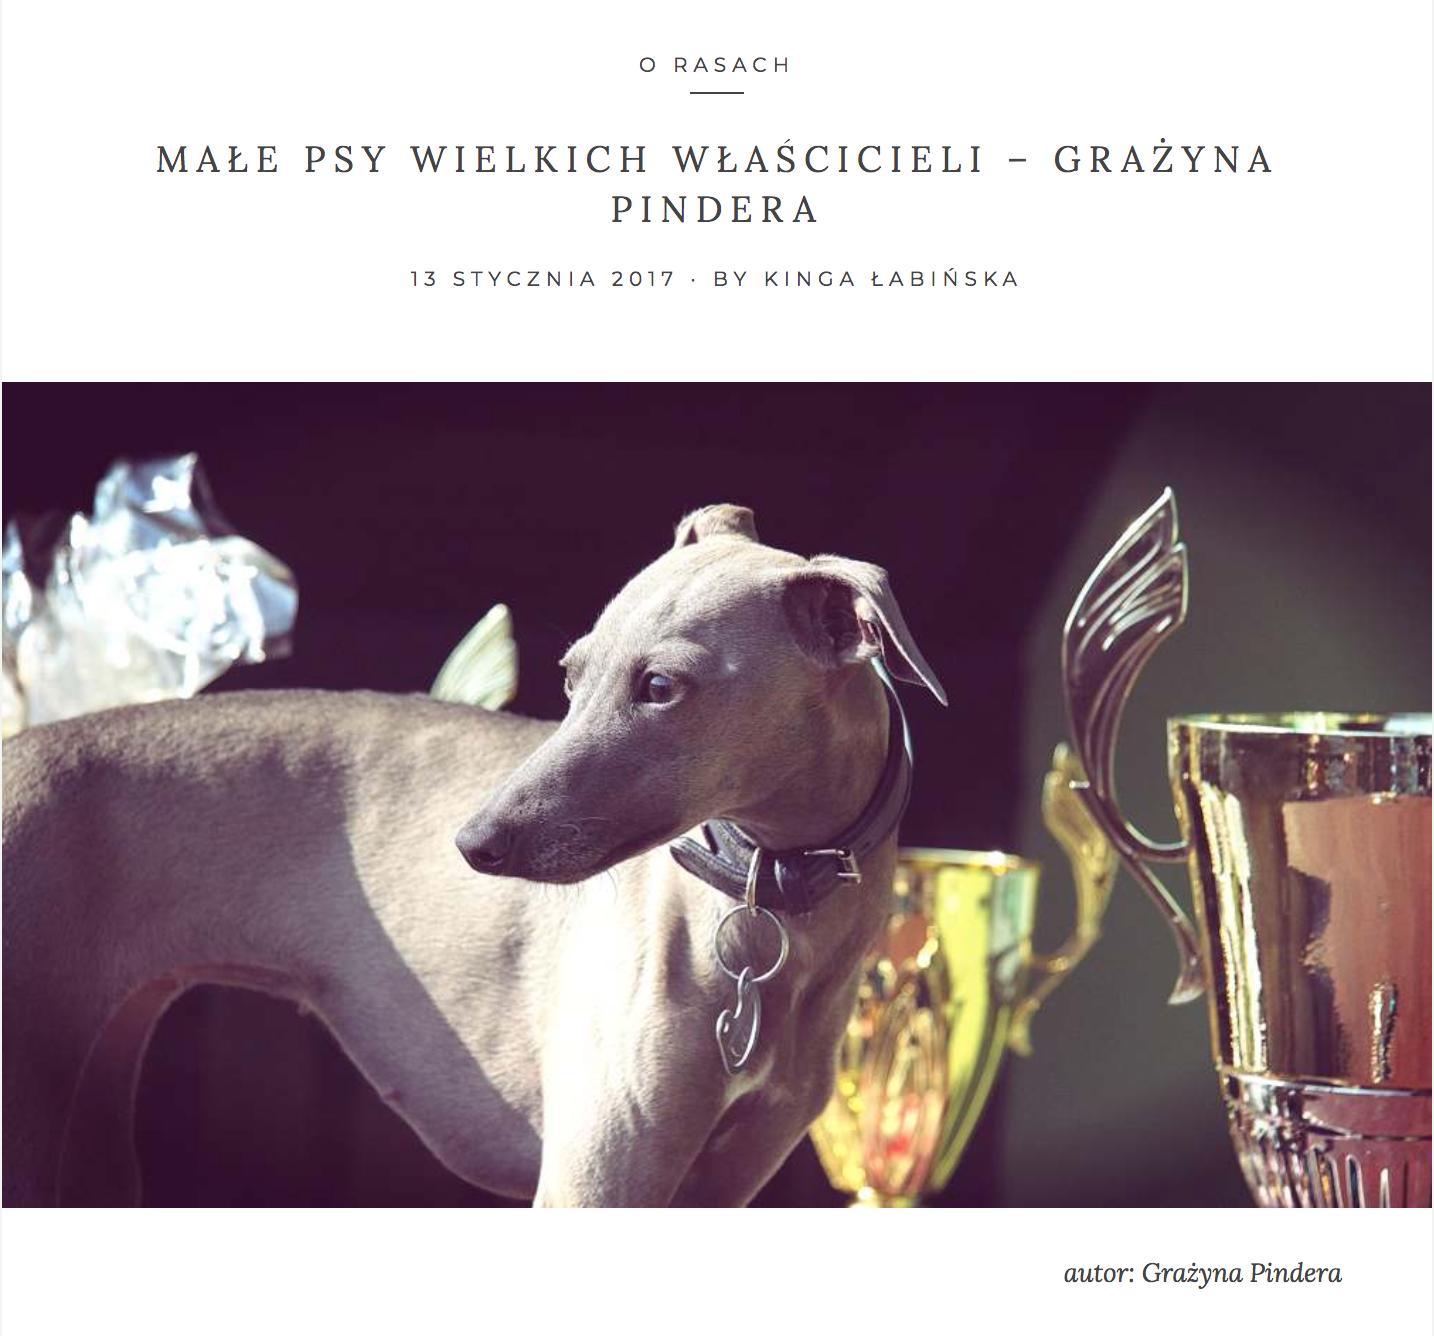 Małe Psy Wielkich Właścicieli - Grażyna Pindera